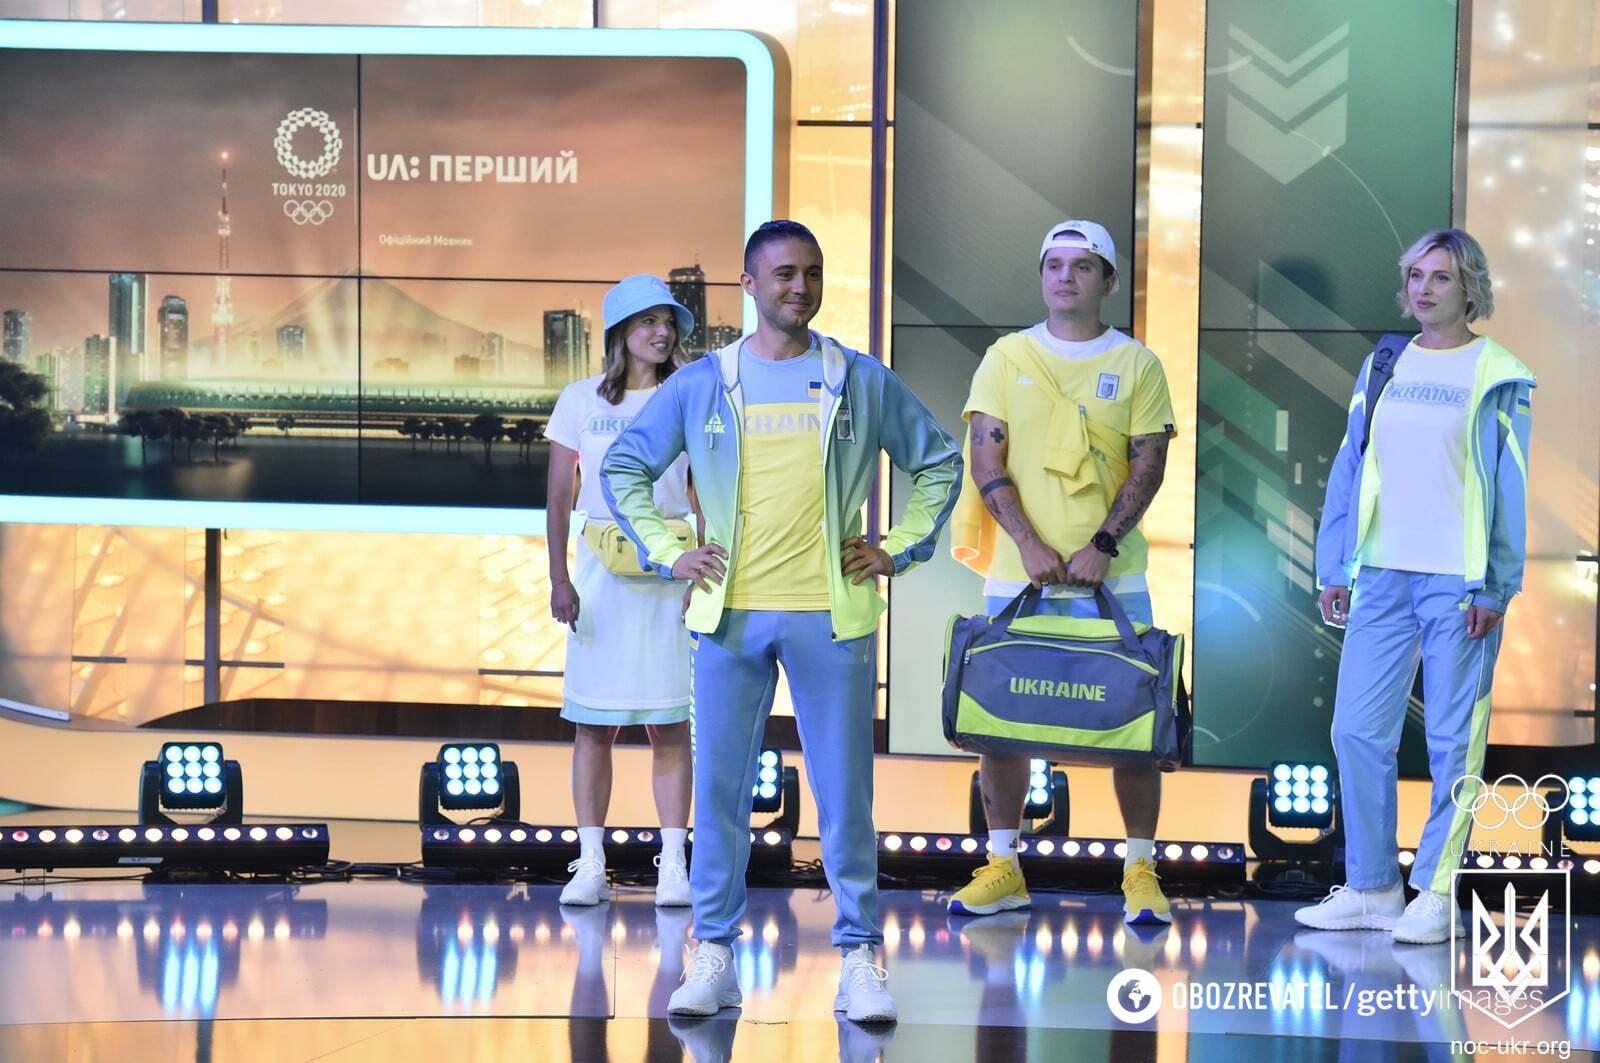 Презентации формы олимпийской сборной Украины.